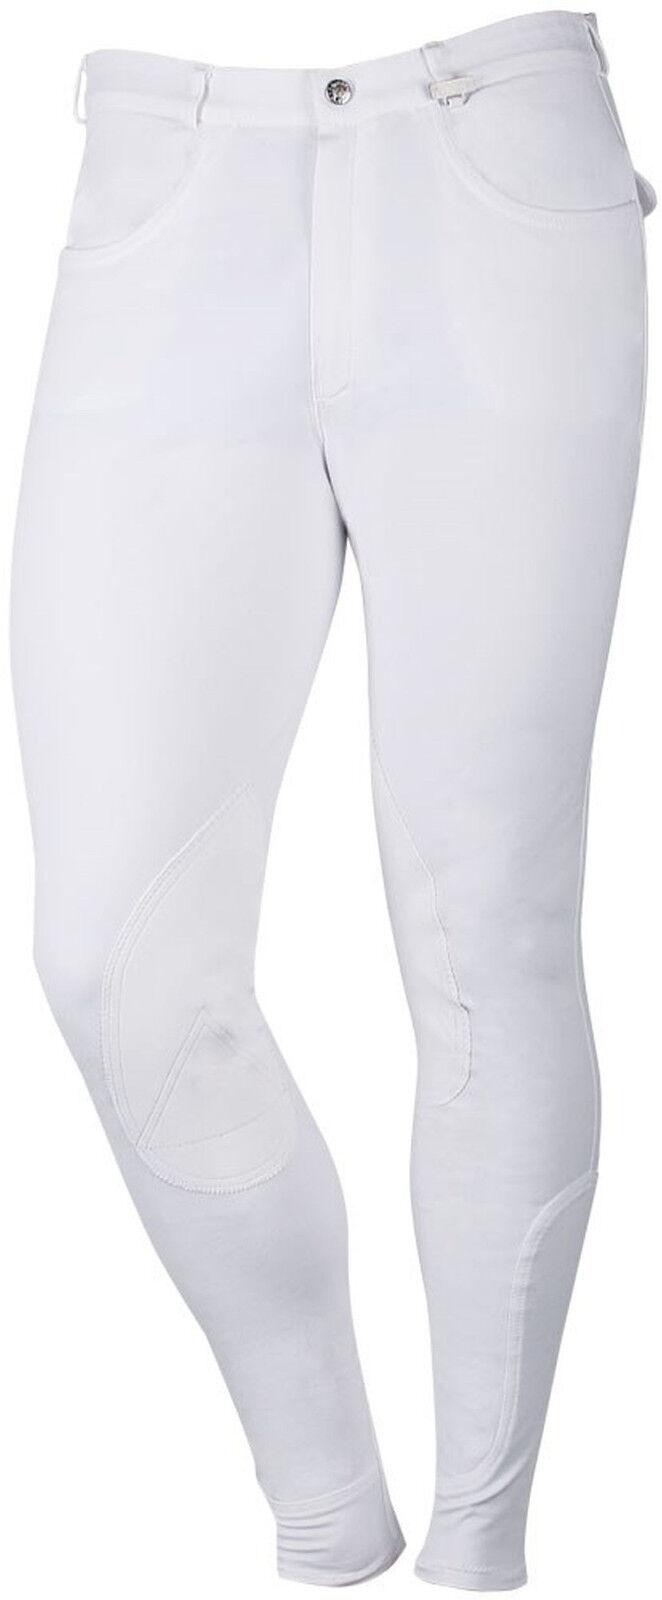 Harry's Horse señores reithose Gentle piel sintética-ribete de rodilla 6 tamaños Weiss